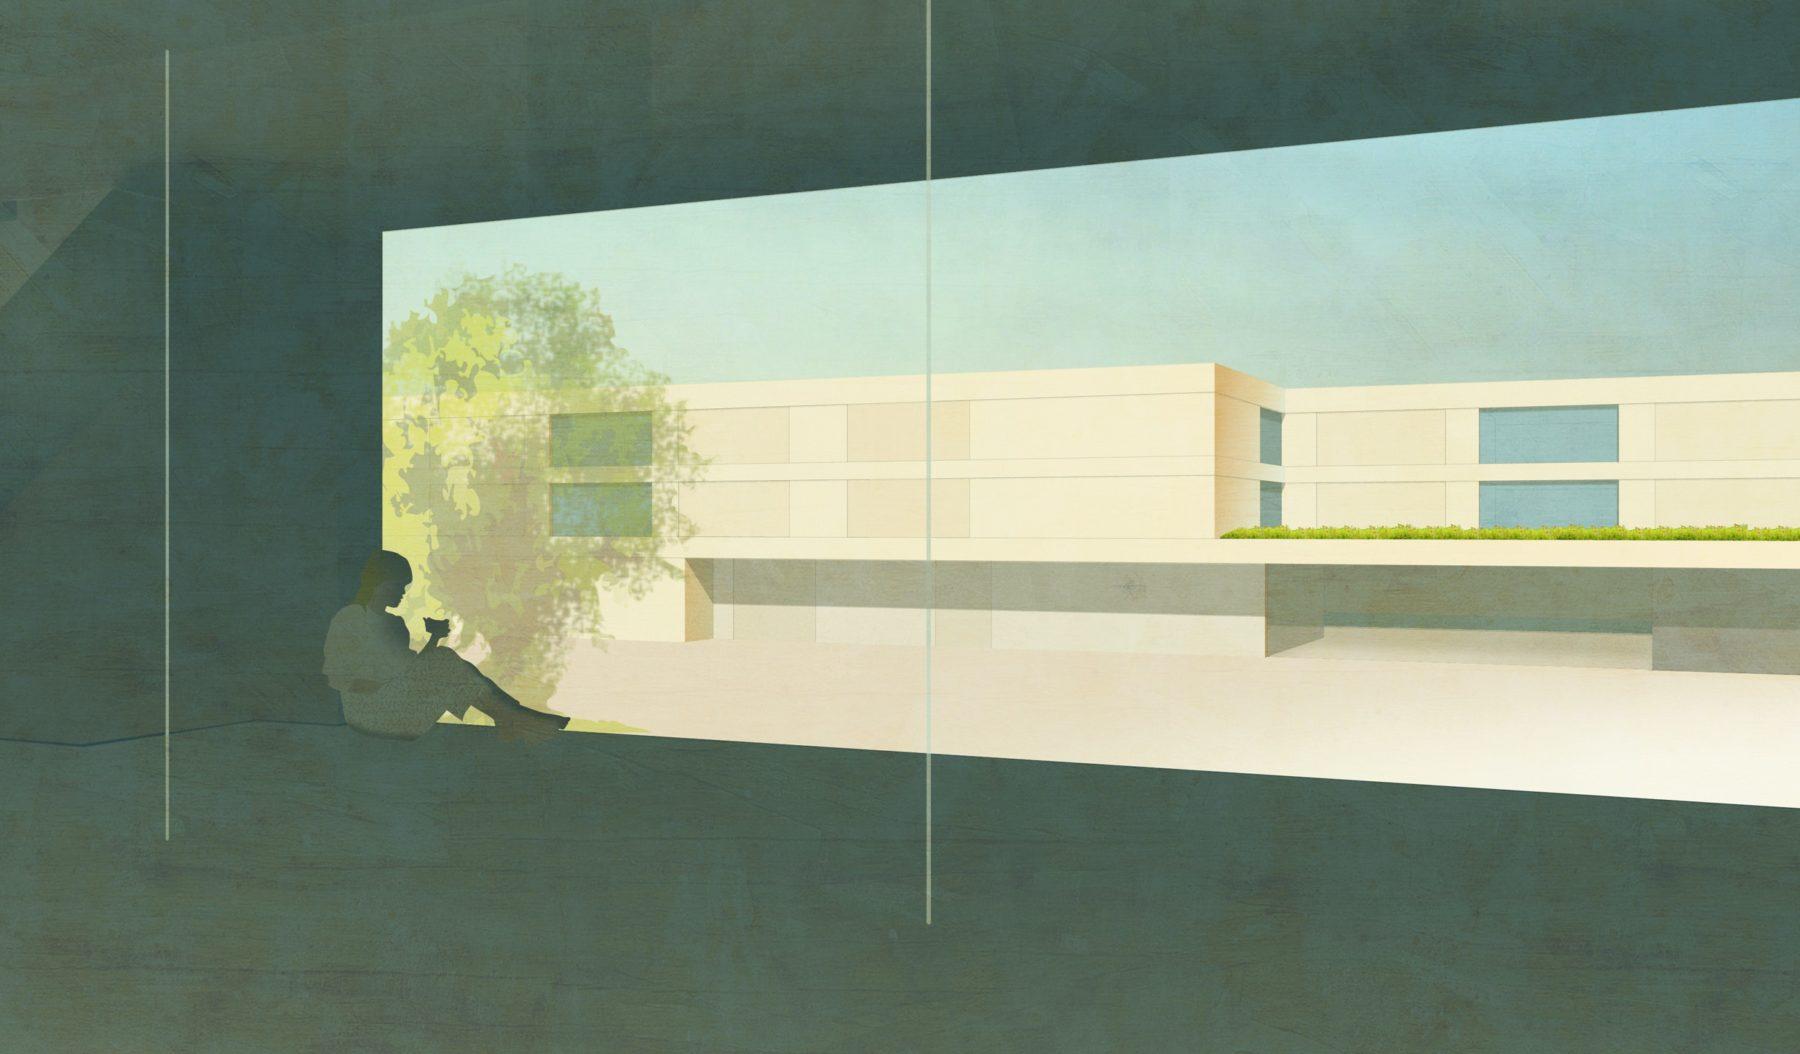 STrauma Landschaftsarchitektur Berlin landscape architects Bildungscampus Gruscheweg Neuenhagen bei Berlin Perspektive 2